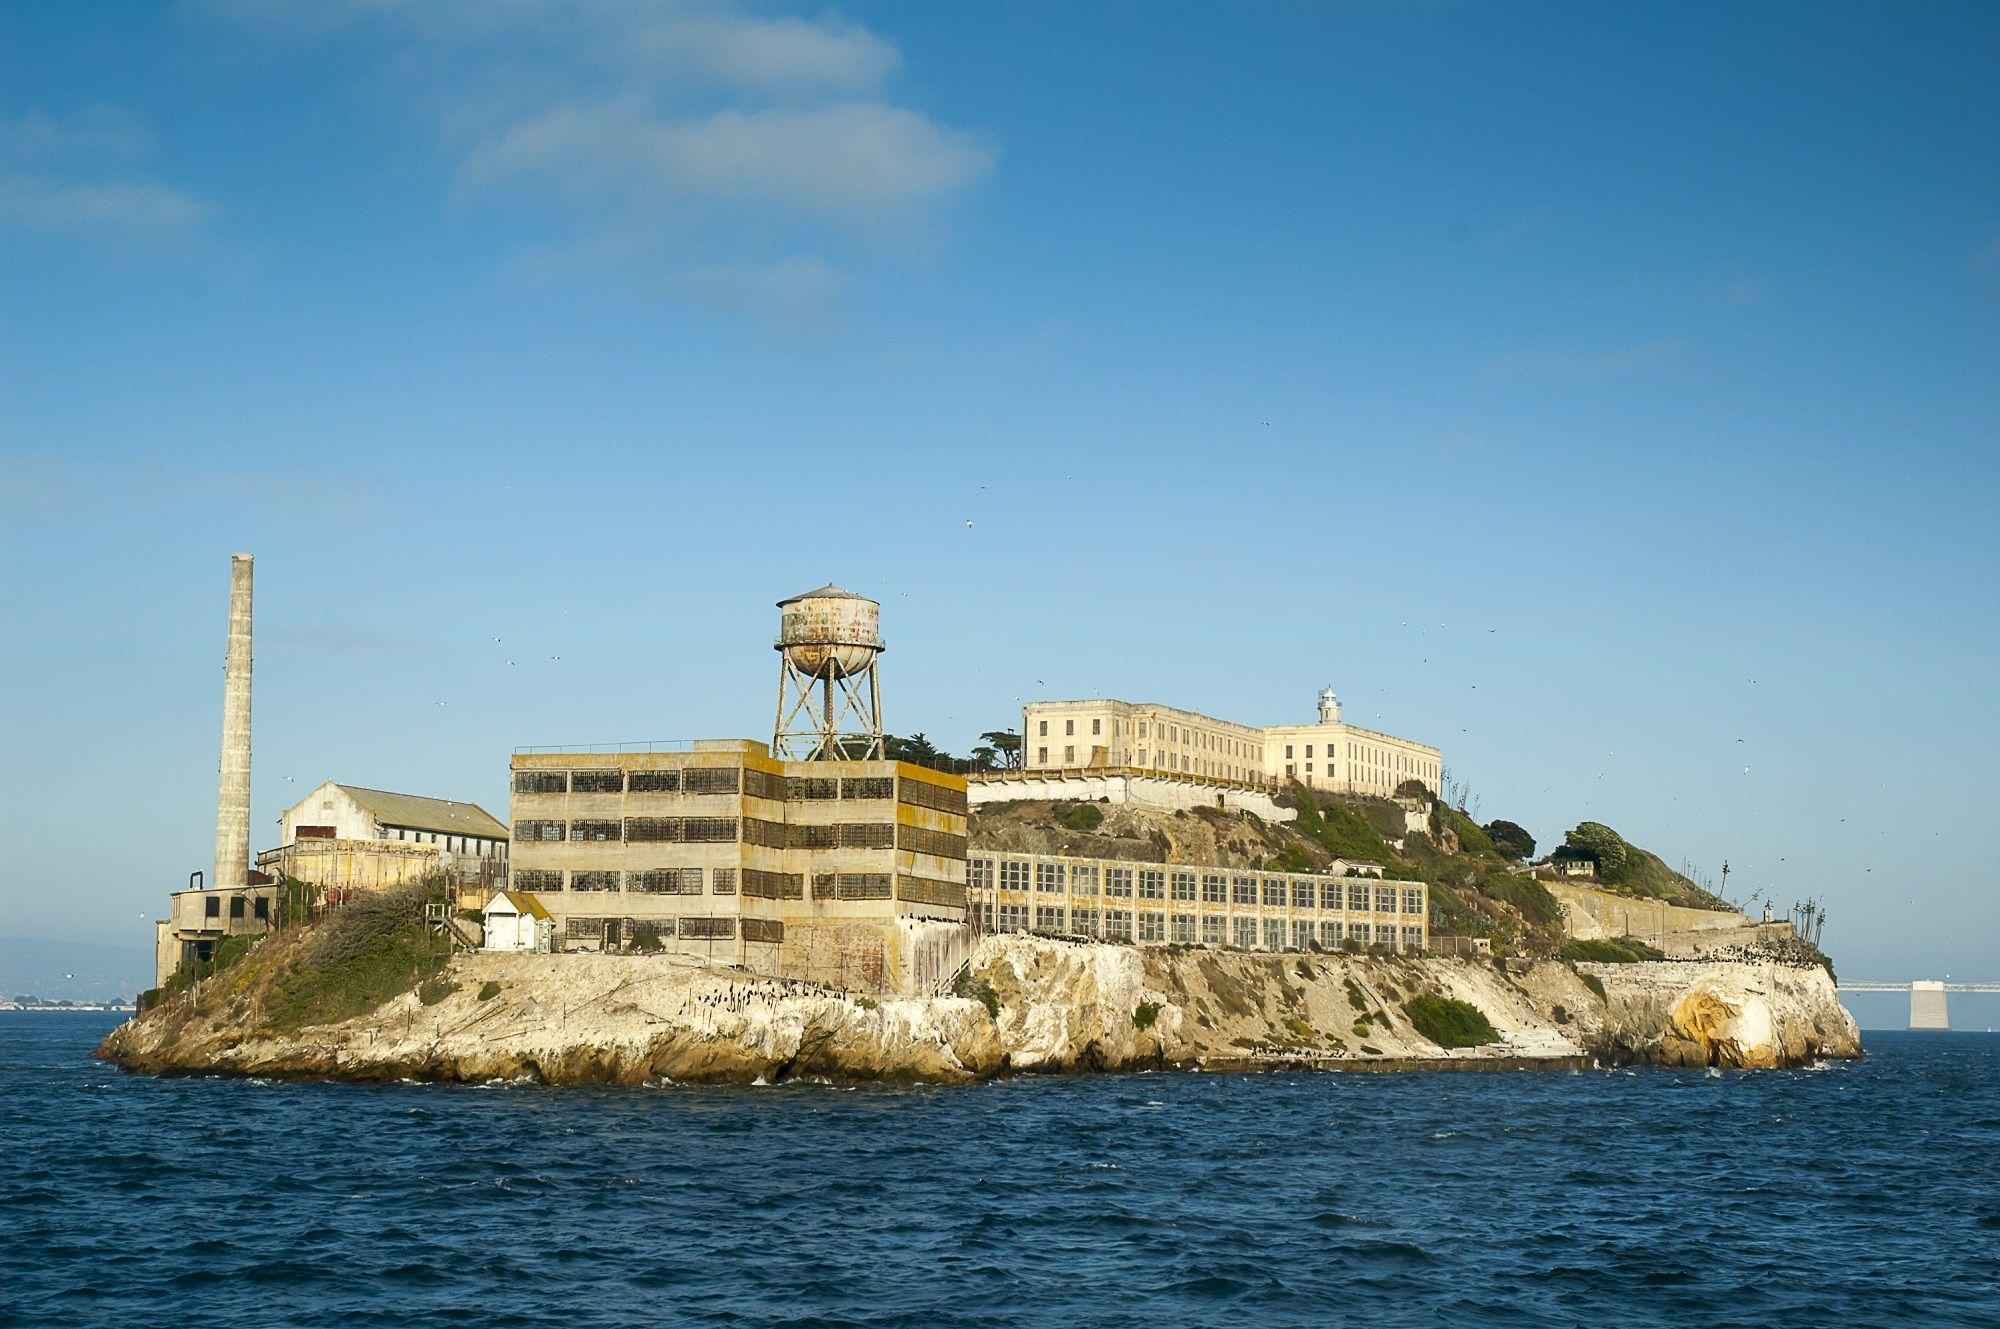 7. Alcatraz Island Prison